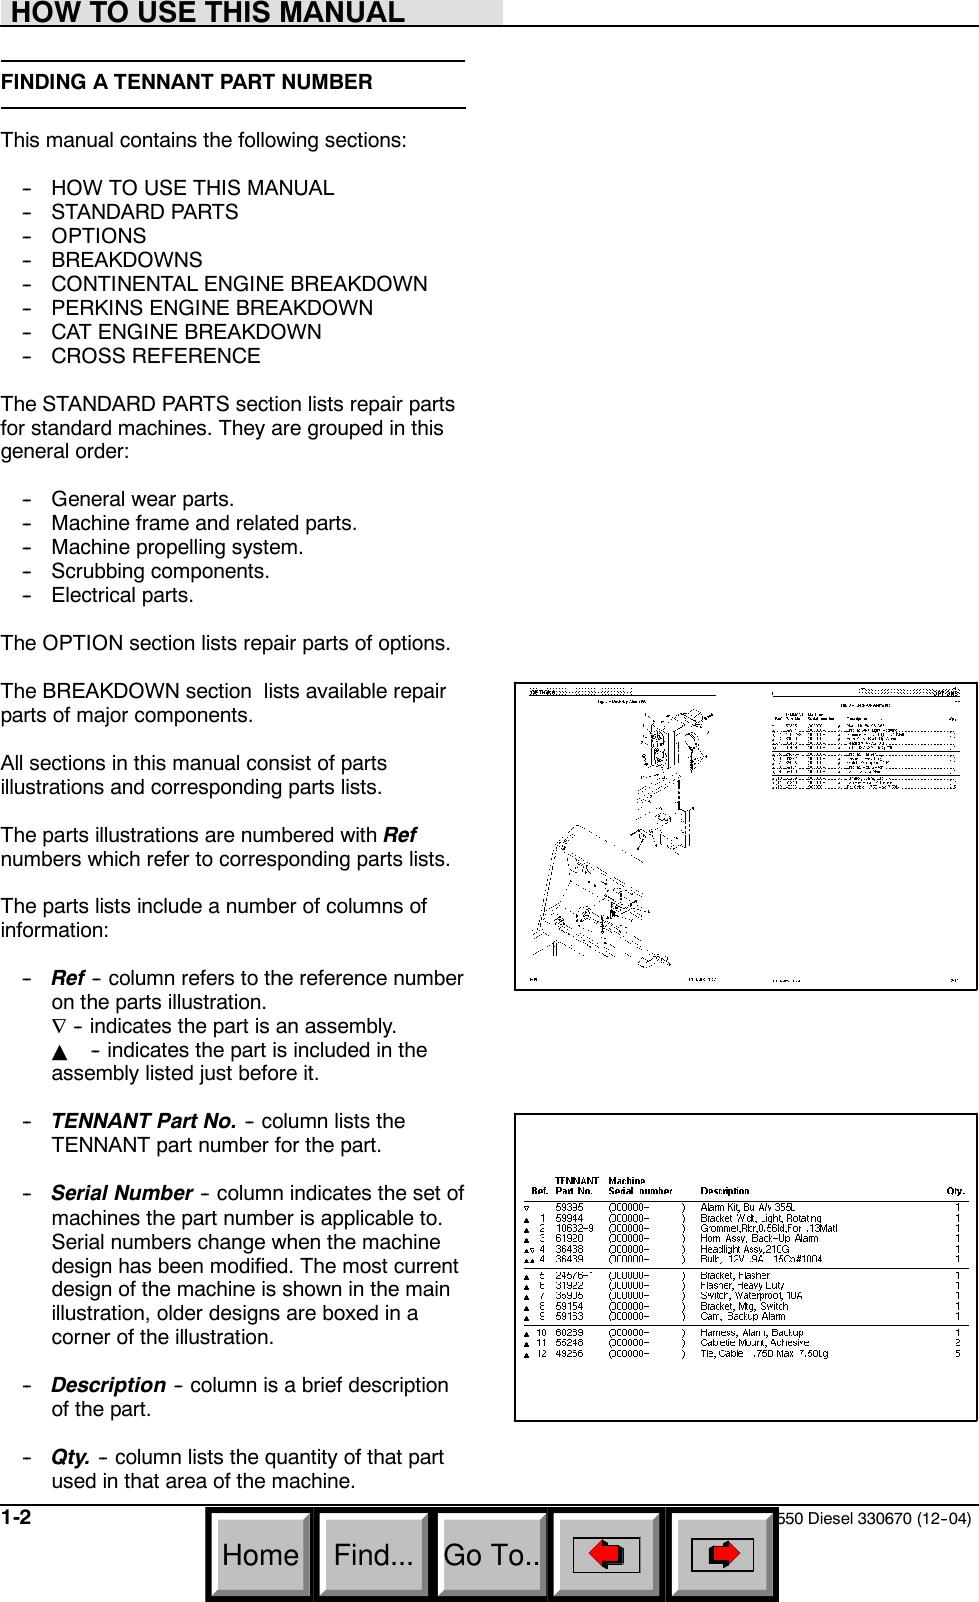 550 Diesel NA Parts Manual Sn 6115 Up